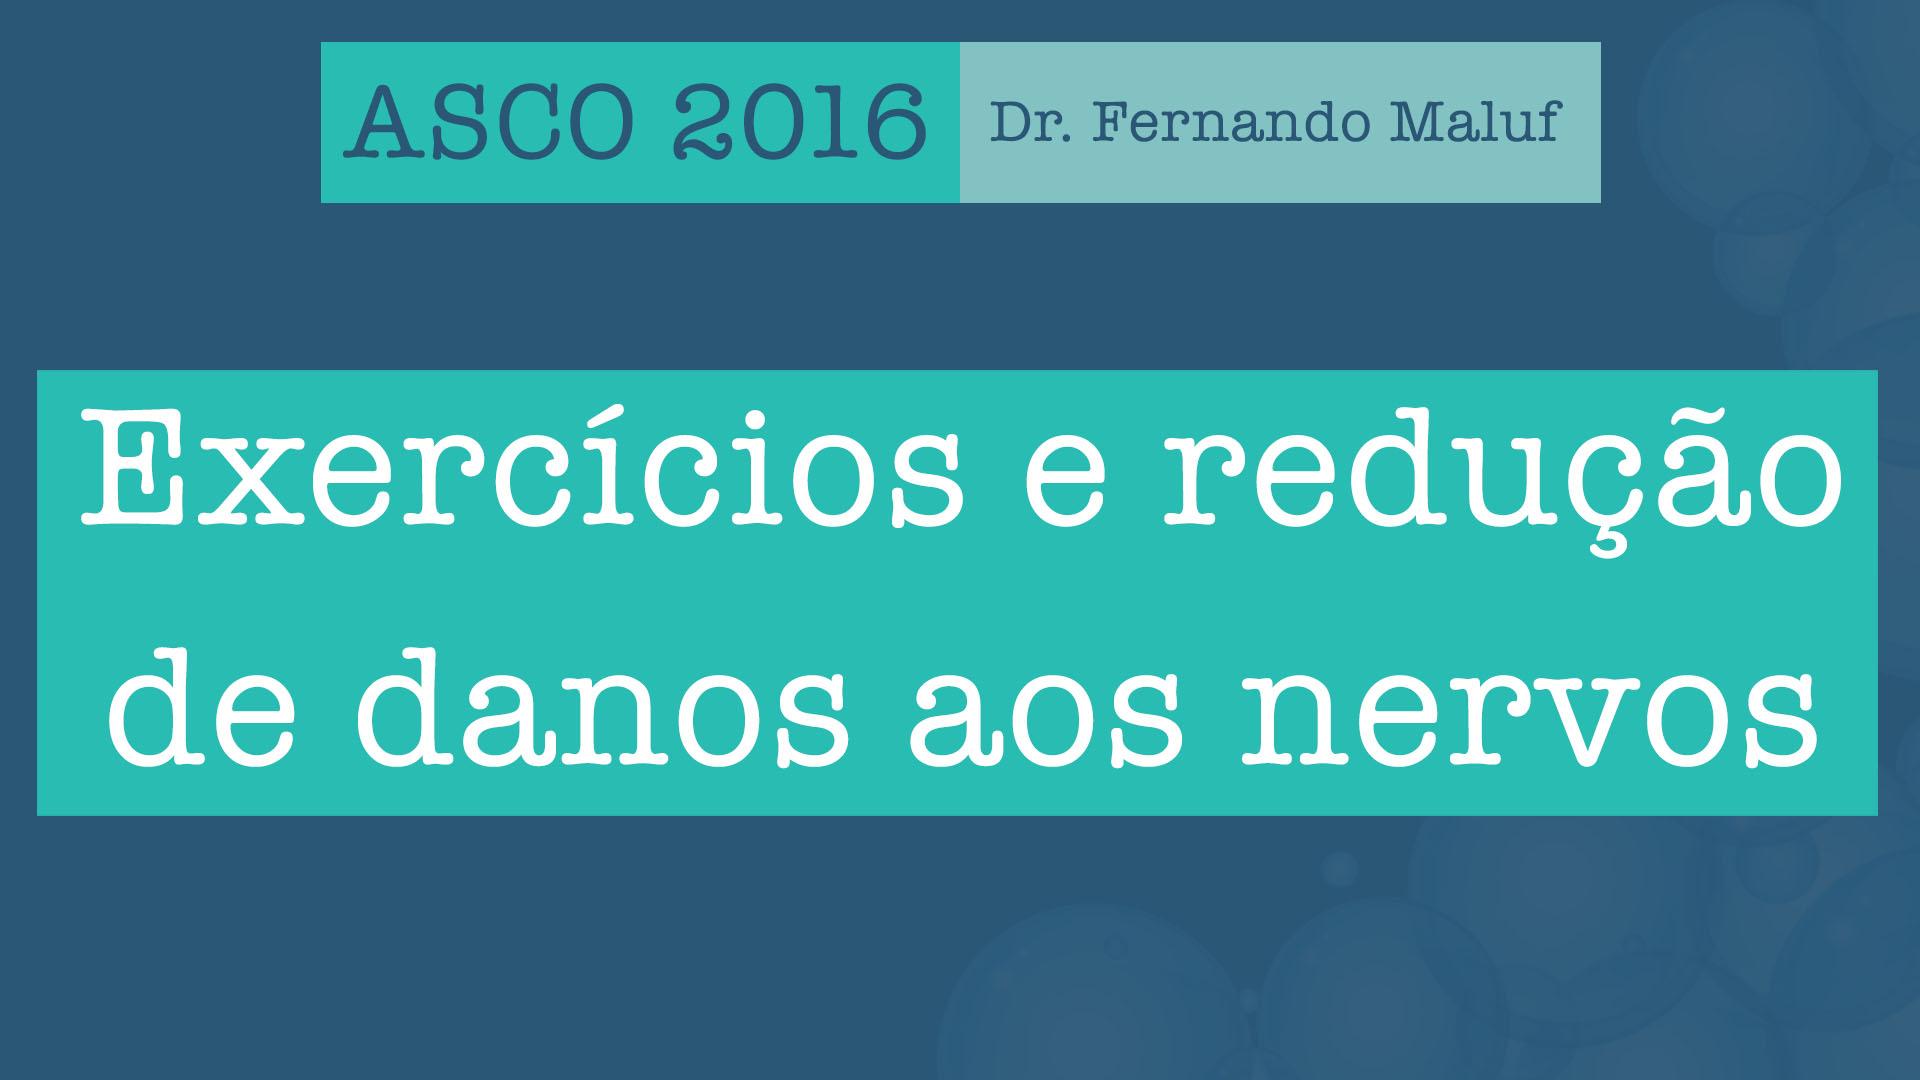 asco 2016 exercícios neuropatia nervos